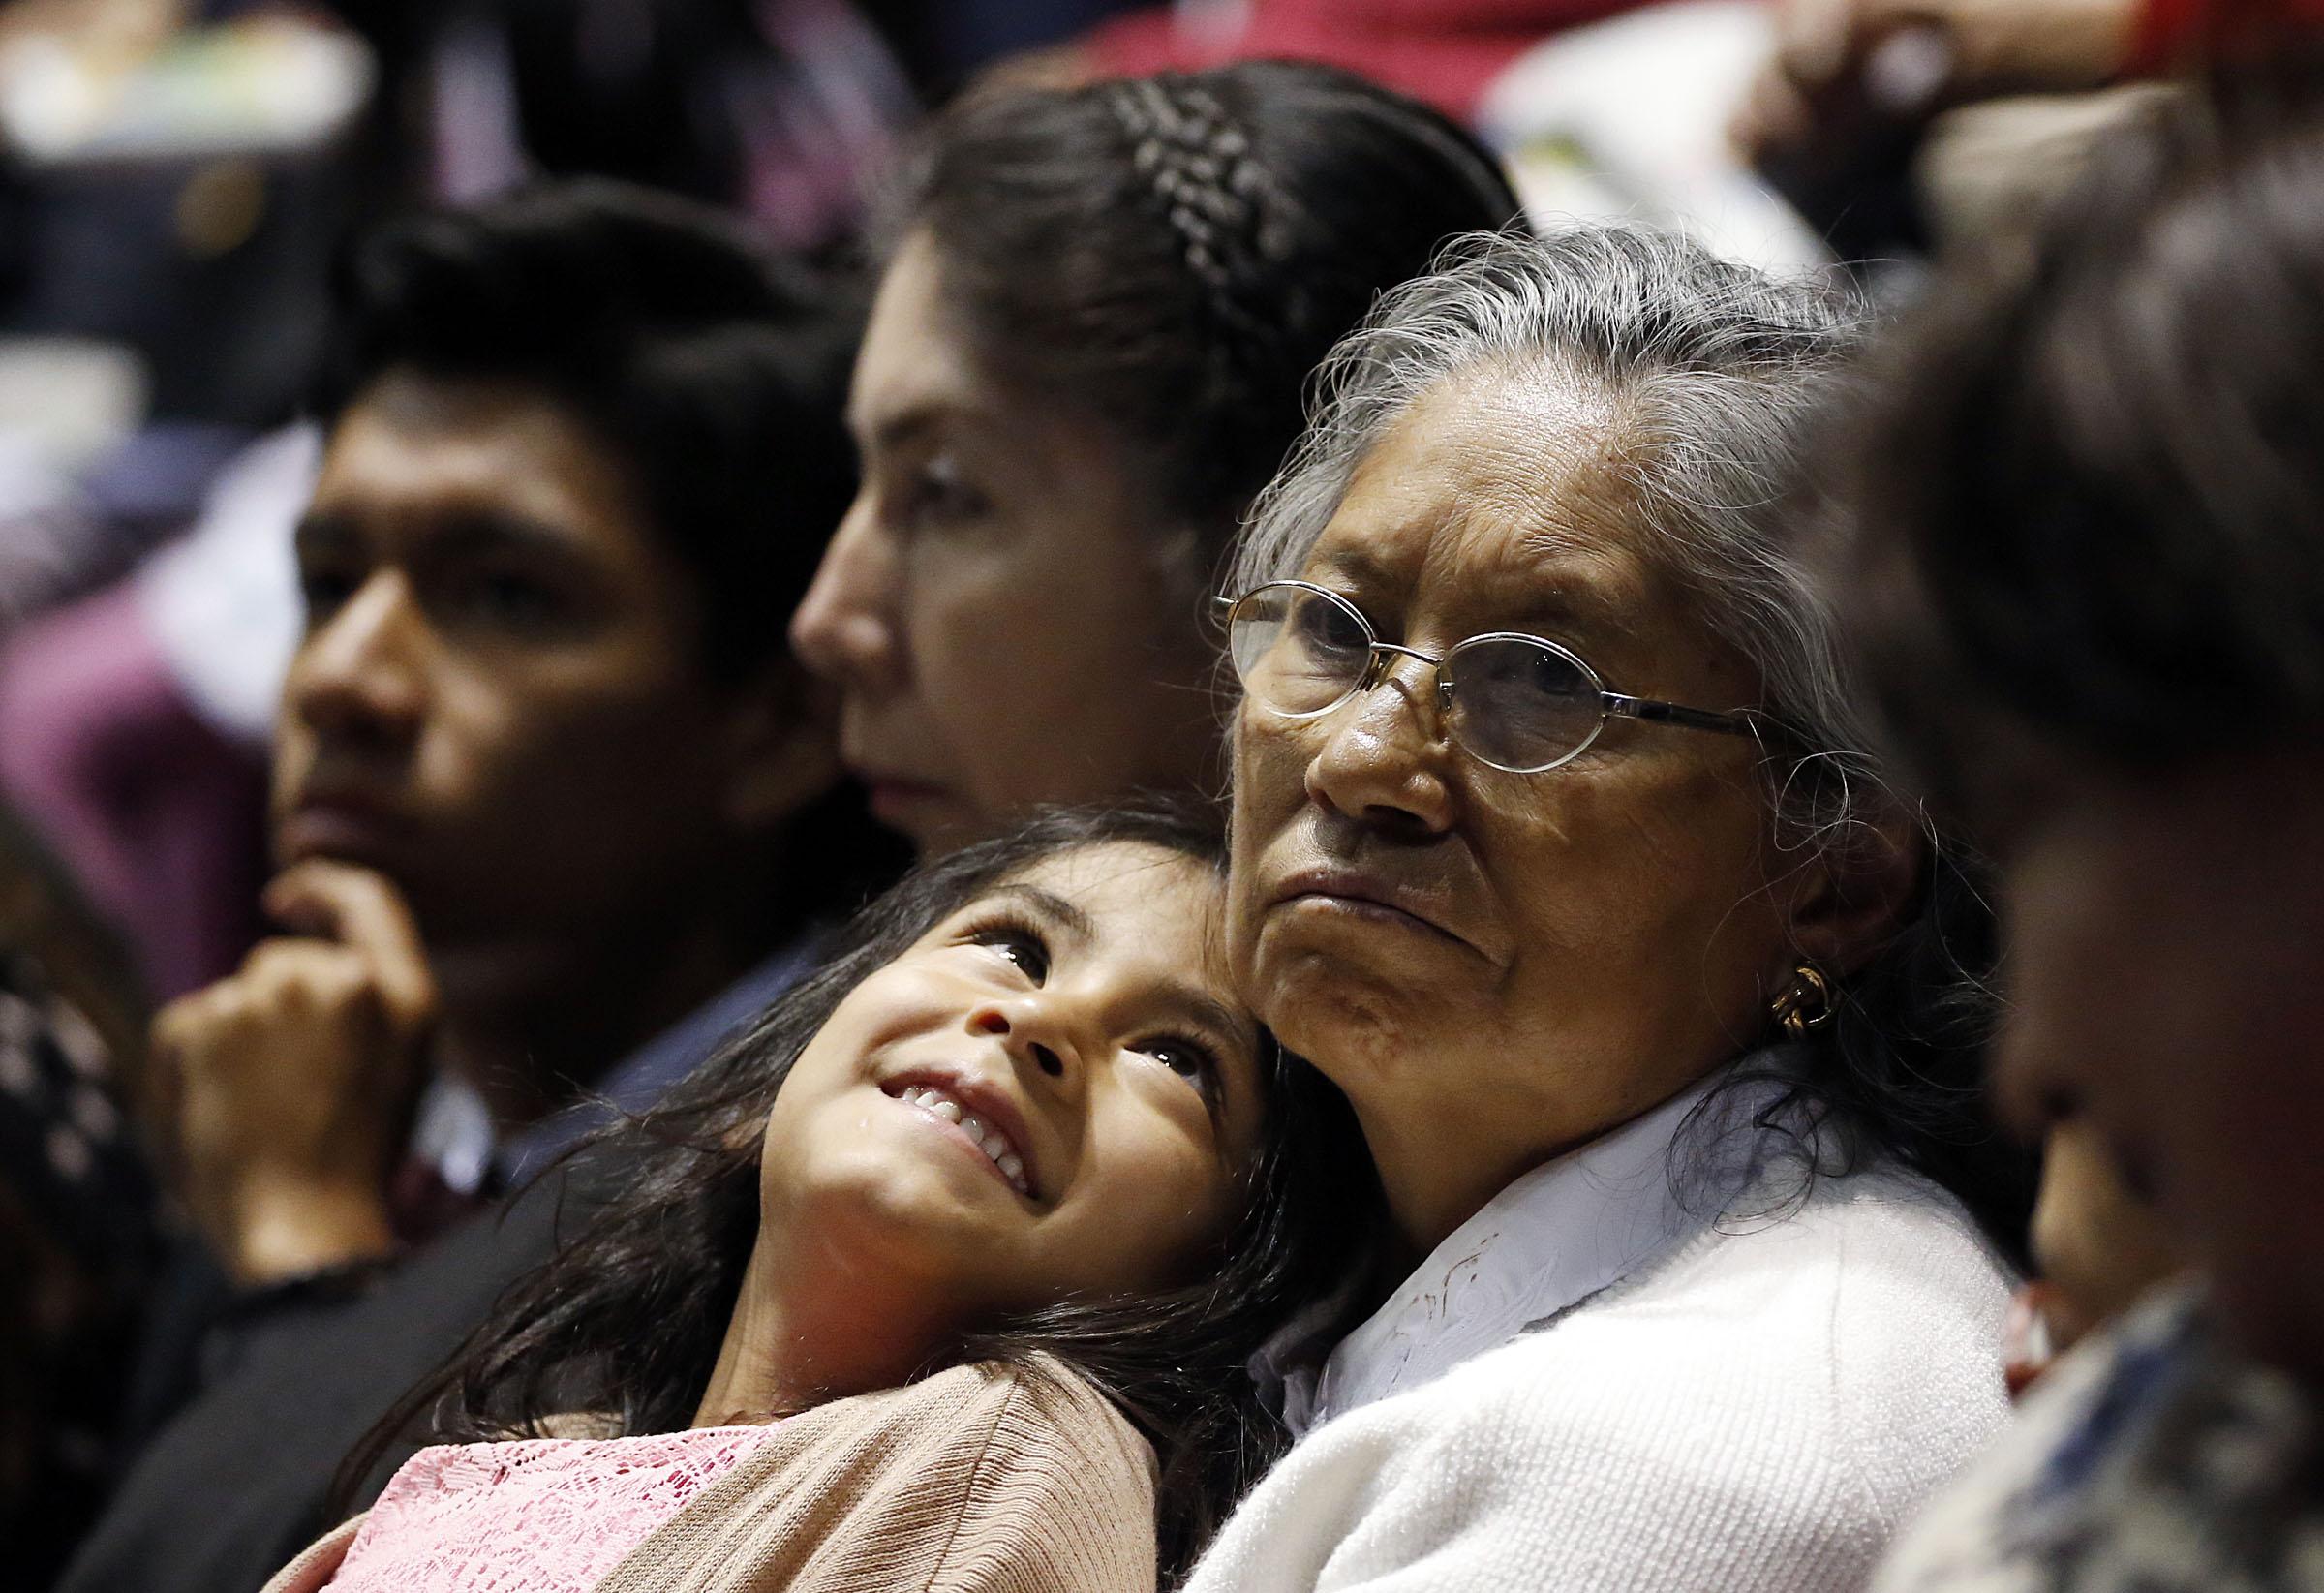 Emma Guaman, com sua neta no colo, Ariana Rodriquez, durante o devocional de ministração na América Latina em Quito, Equador, na segunda-feira, 26 de agosto de 2019.